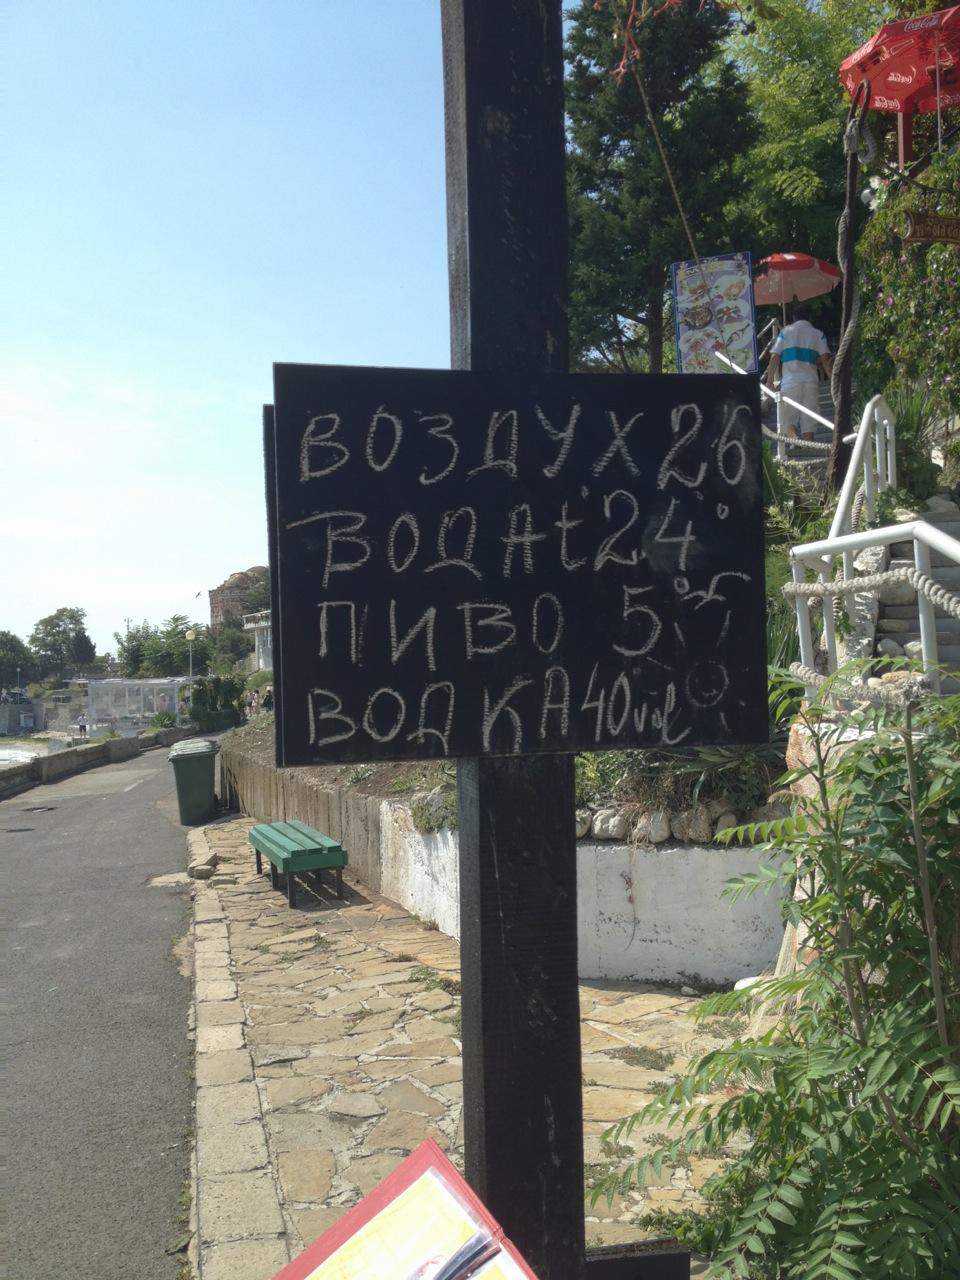 Sign says: Air 26, Water 24, Beer 5, Vodka 40vol. Meh